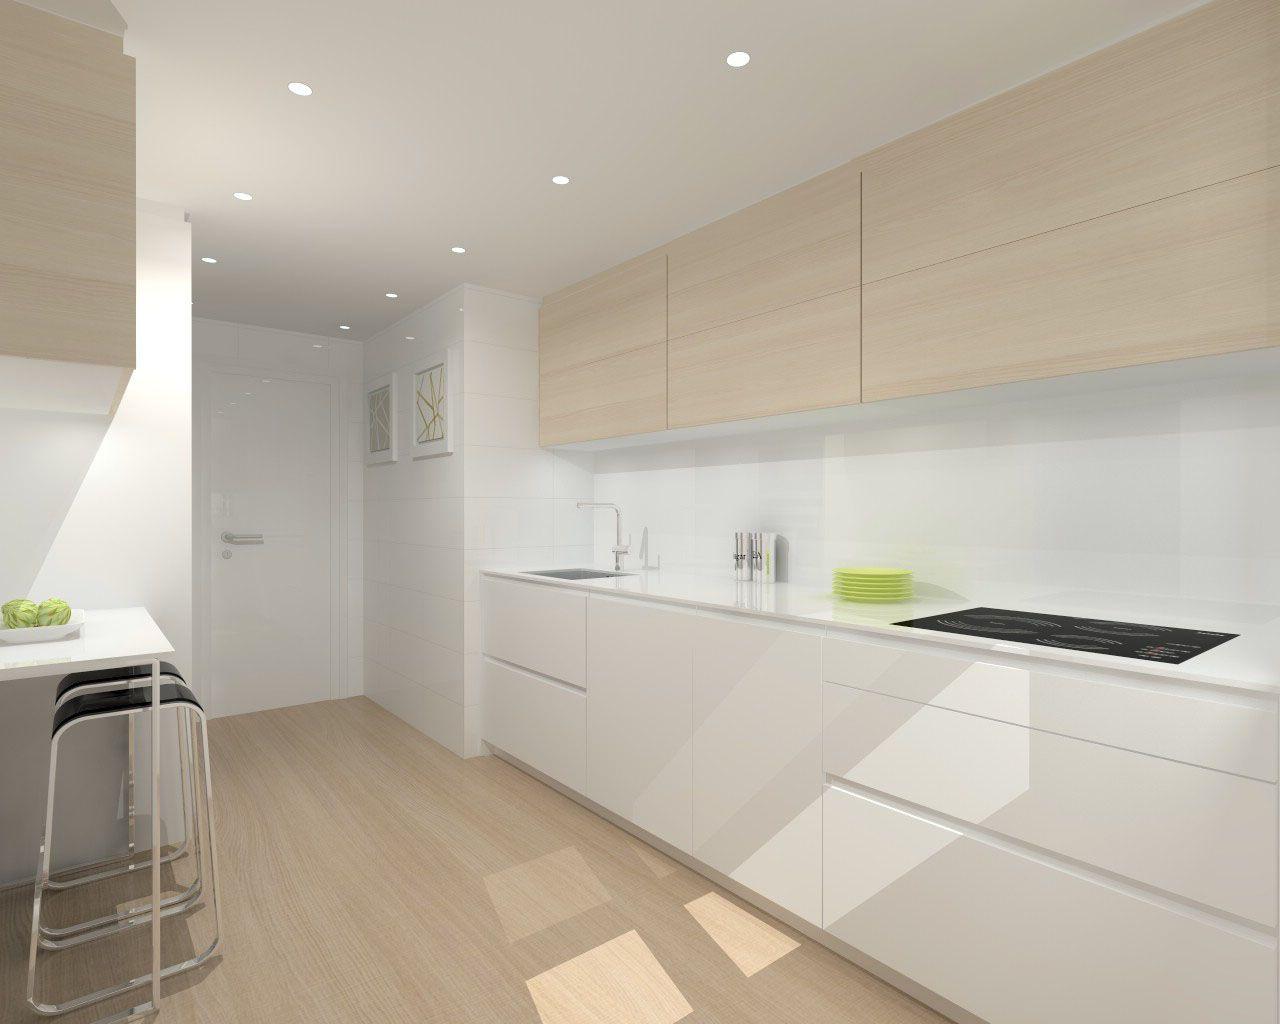 modelo ariane e con encimera silestone cocina 1 en 2019